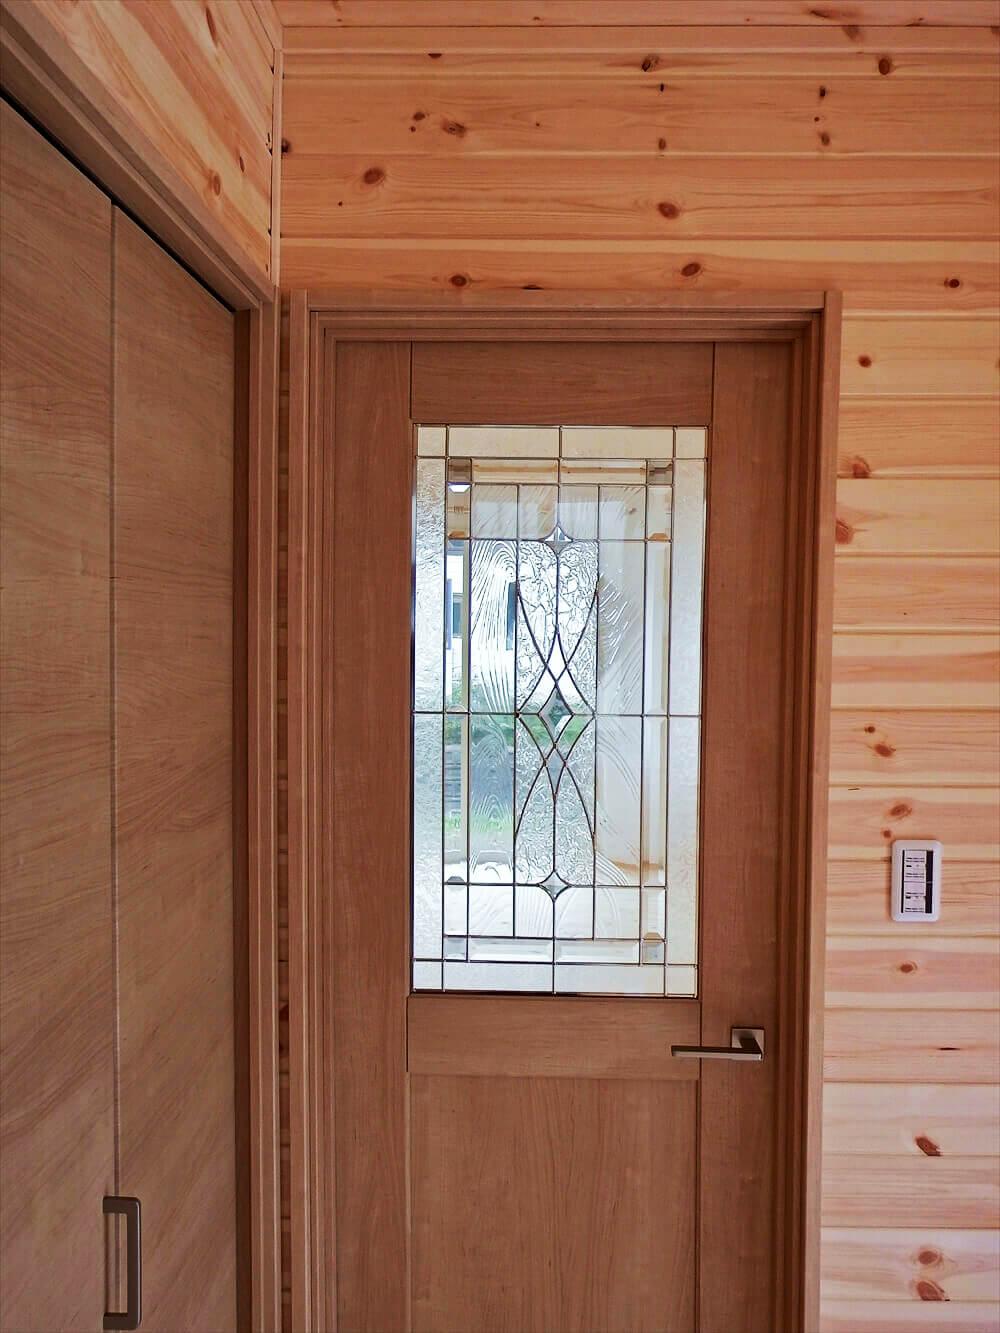 無垢材に囲まれた二階建てのドア|石岡市の注文住宅,ログハウスのような木の家を低価格で建てるならエイ・ワン